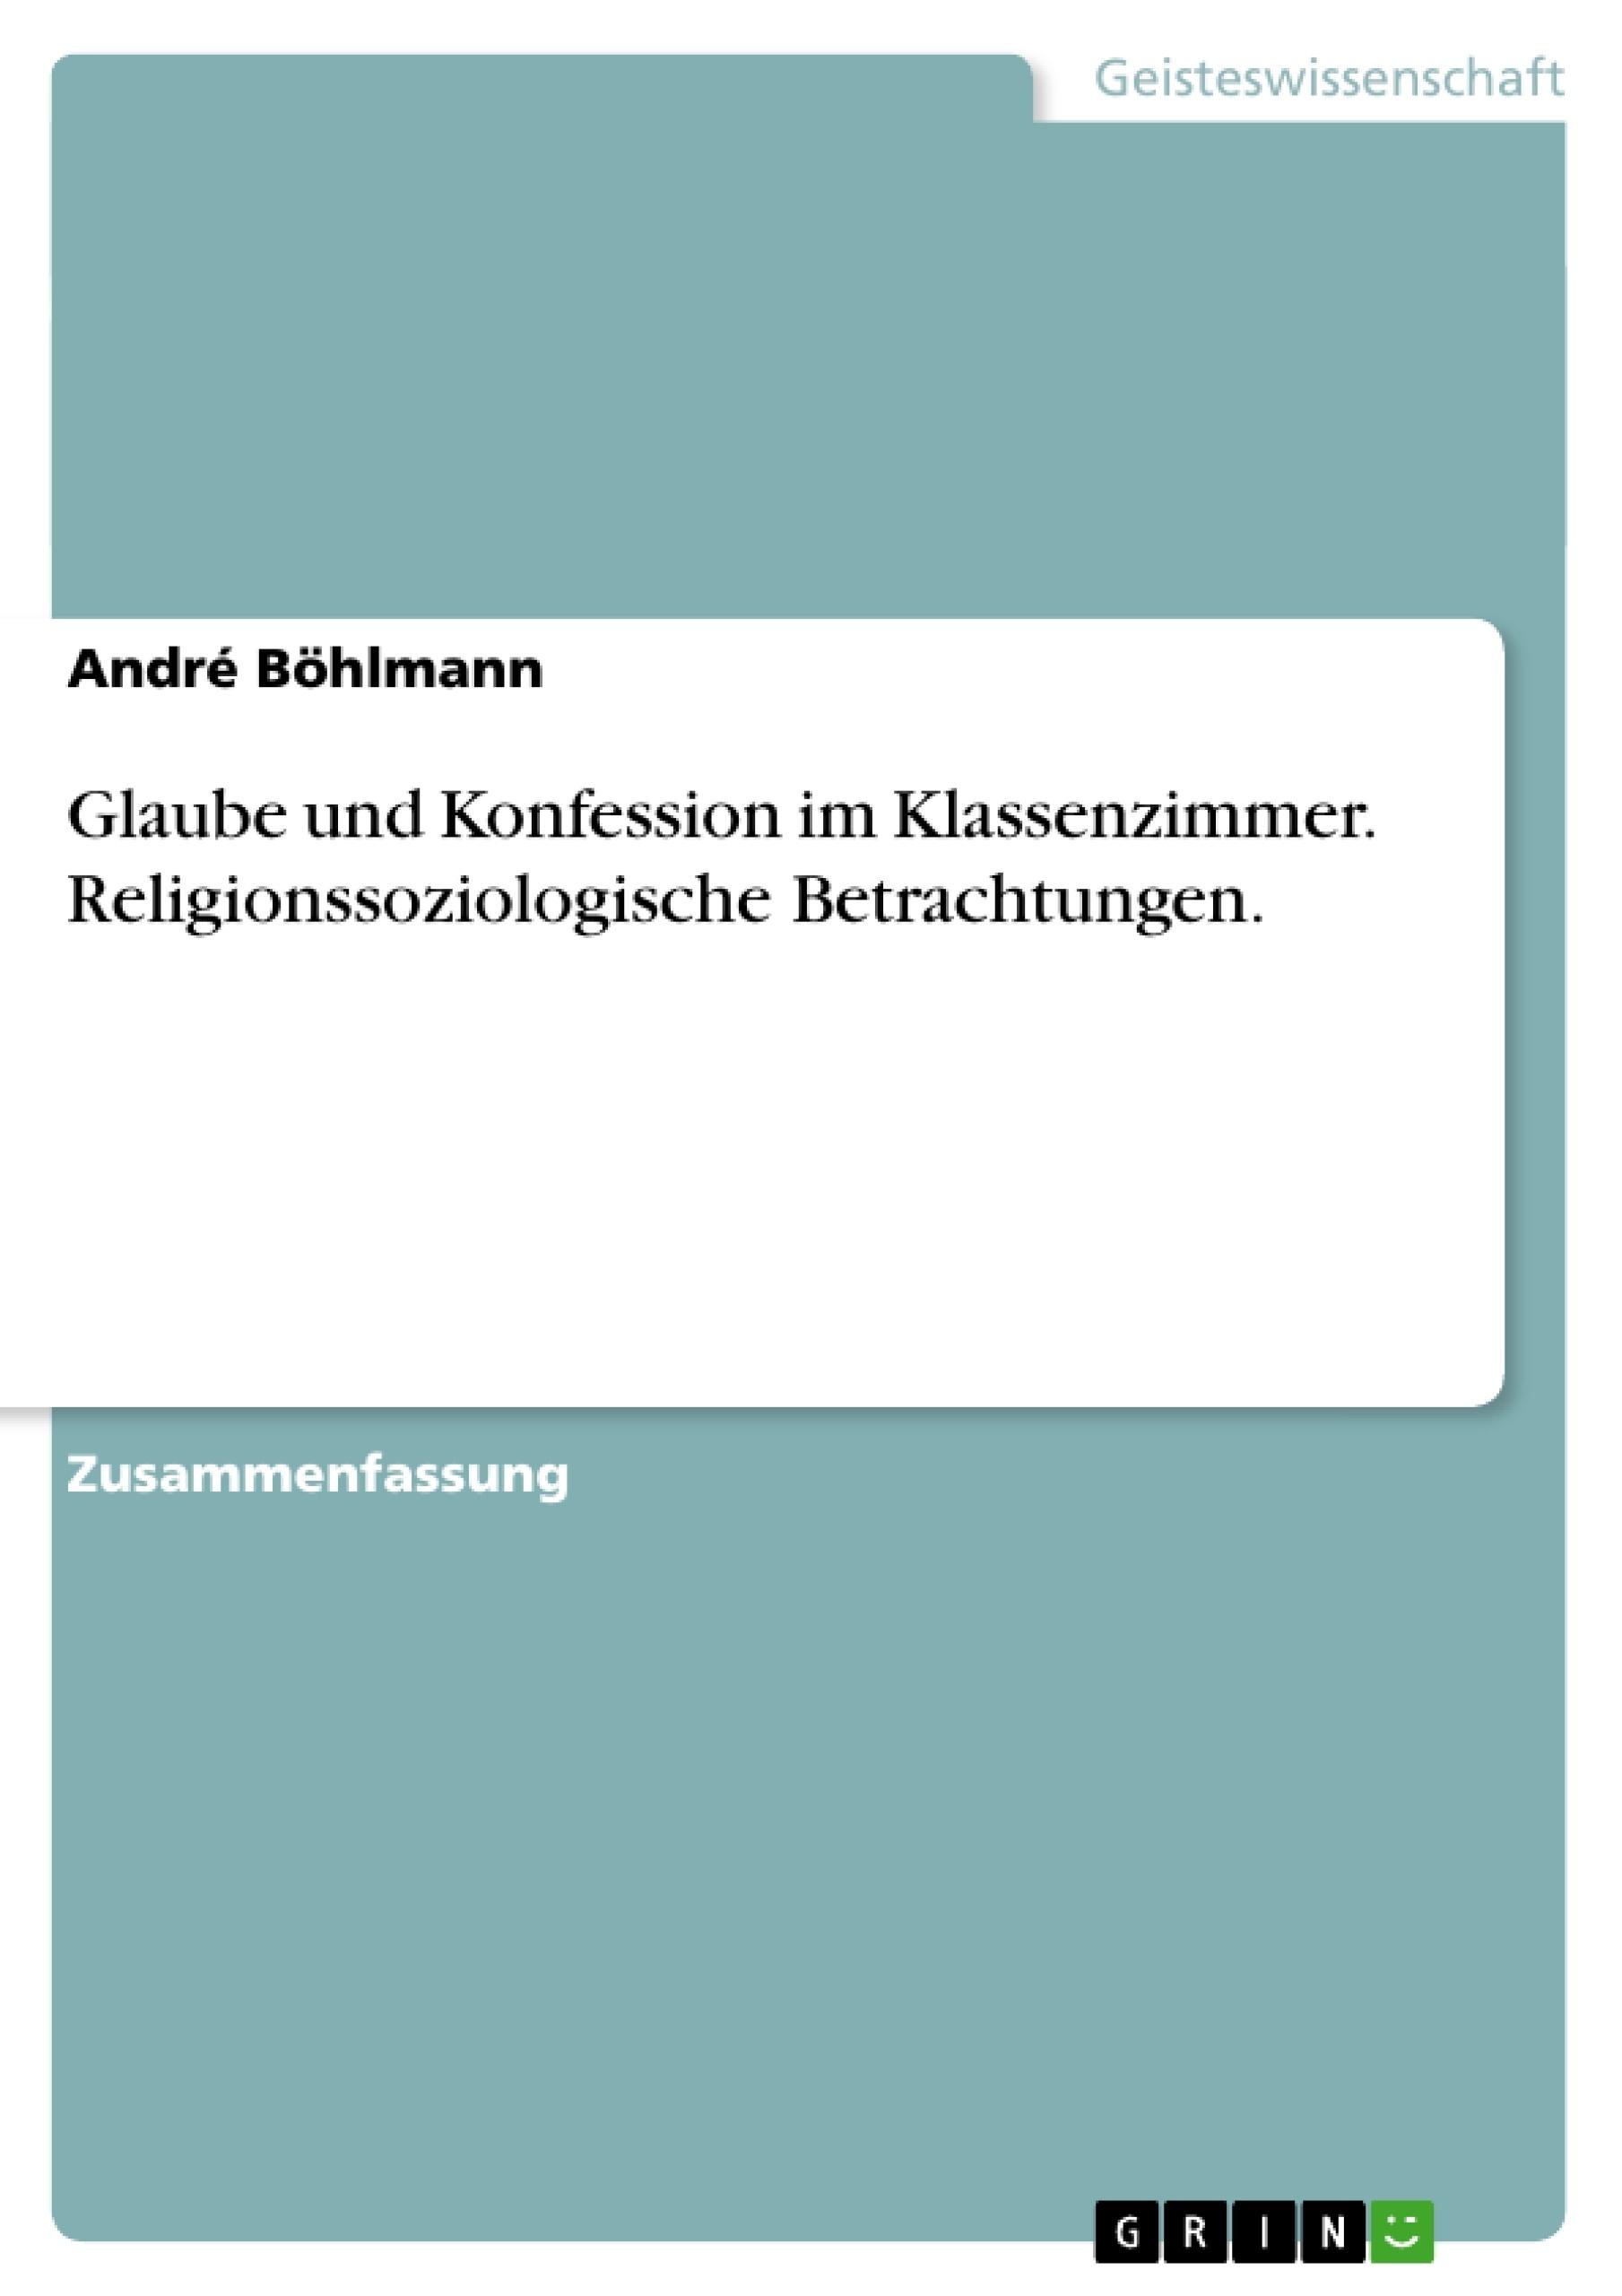 Titel: Glaube und Konfession im Klassenzimmer. Religionssoziologische Betrachtungen.